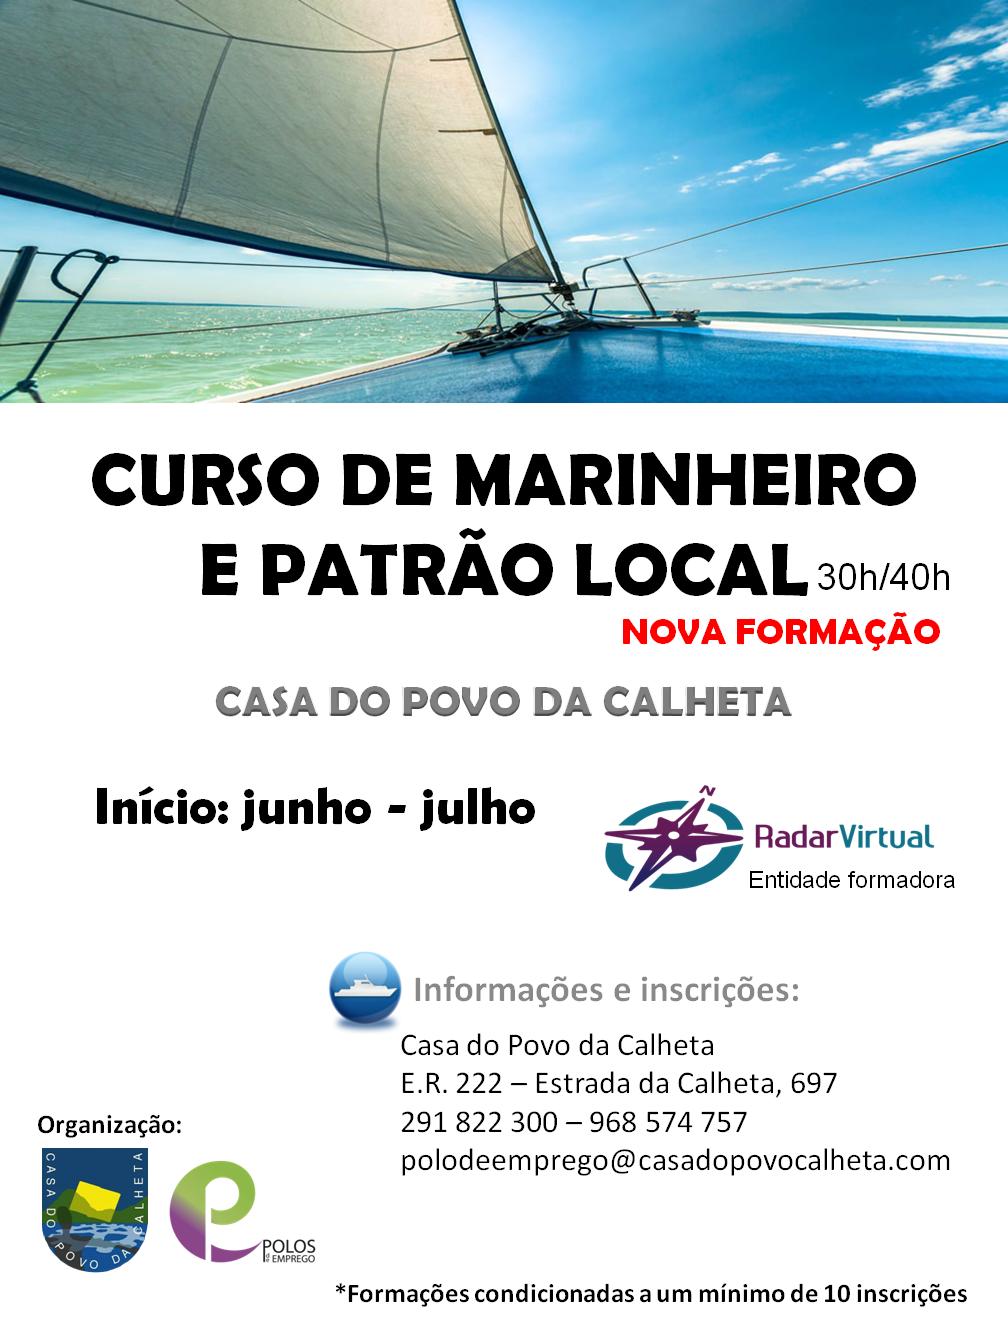 CURSO DE MARINHEIROS E PATRÃO LOCAL